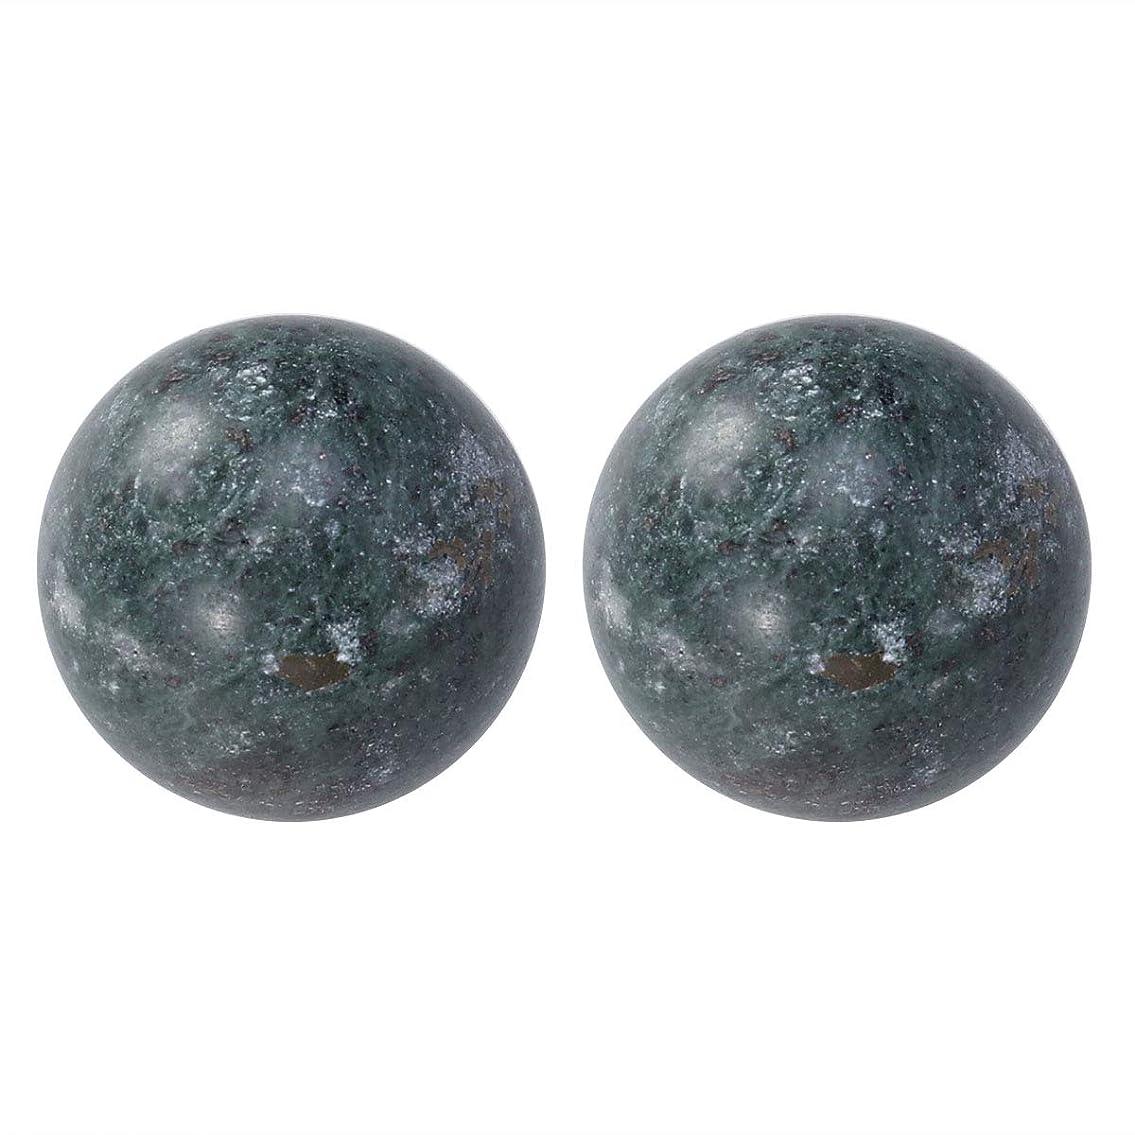 遠足病気のベイビーROSENICE ジェイドハンドボールエクササイズボールストレスレリーフ2個(ブラック)